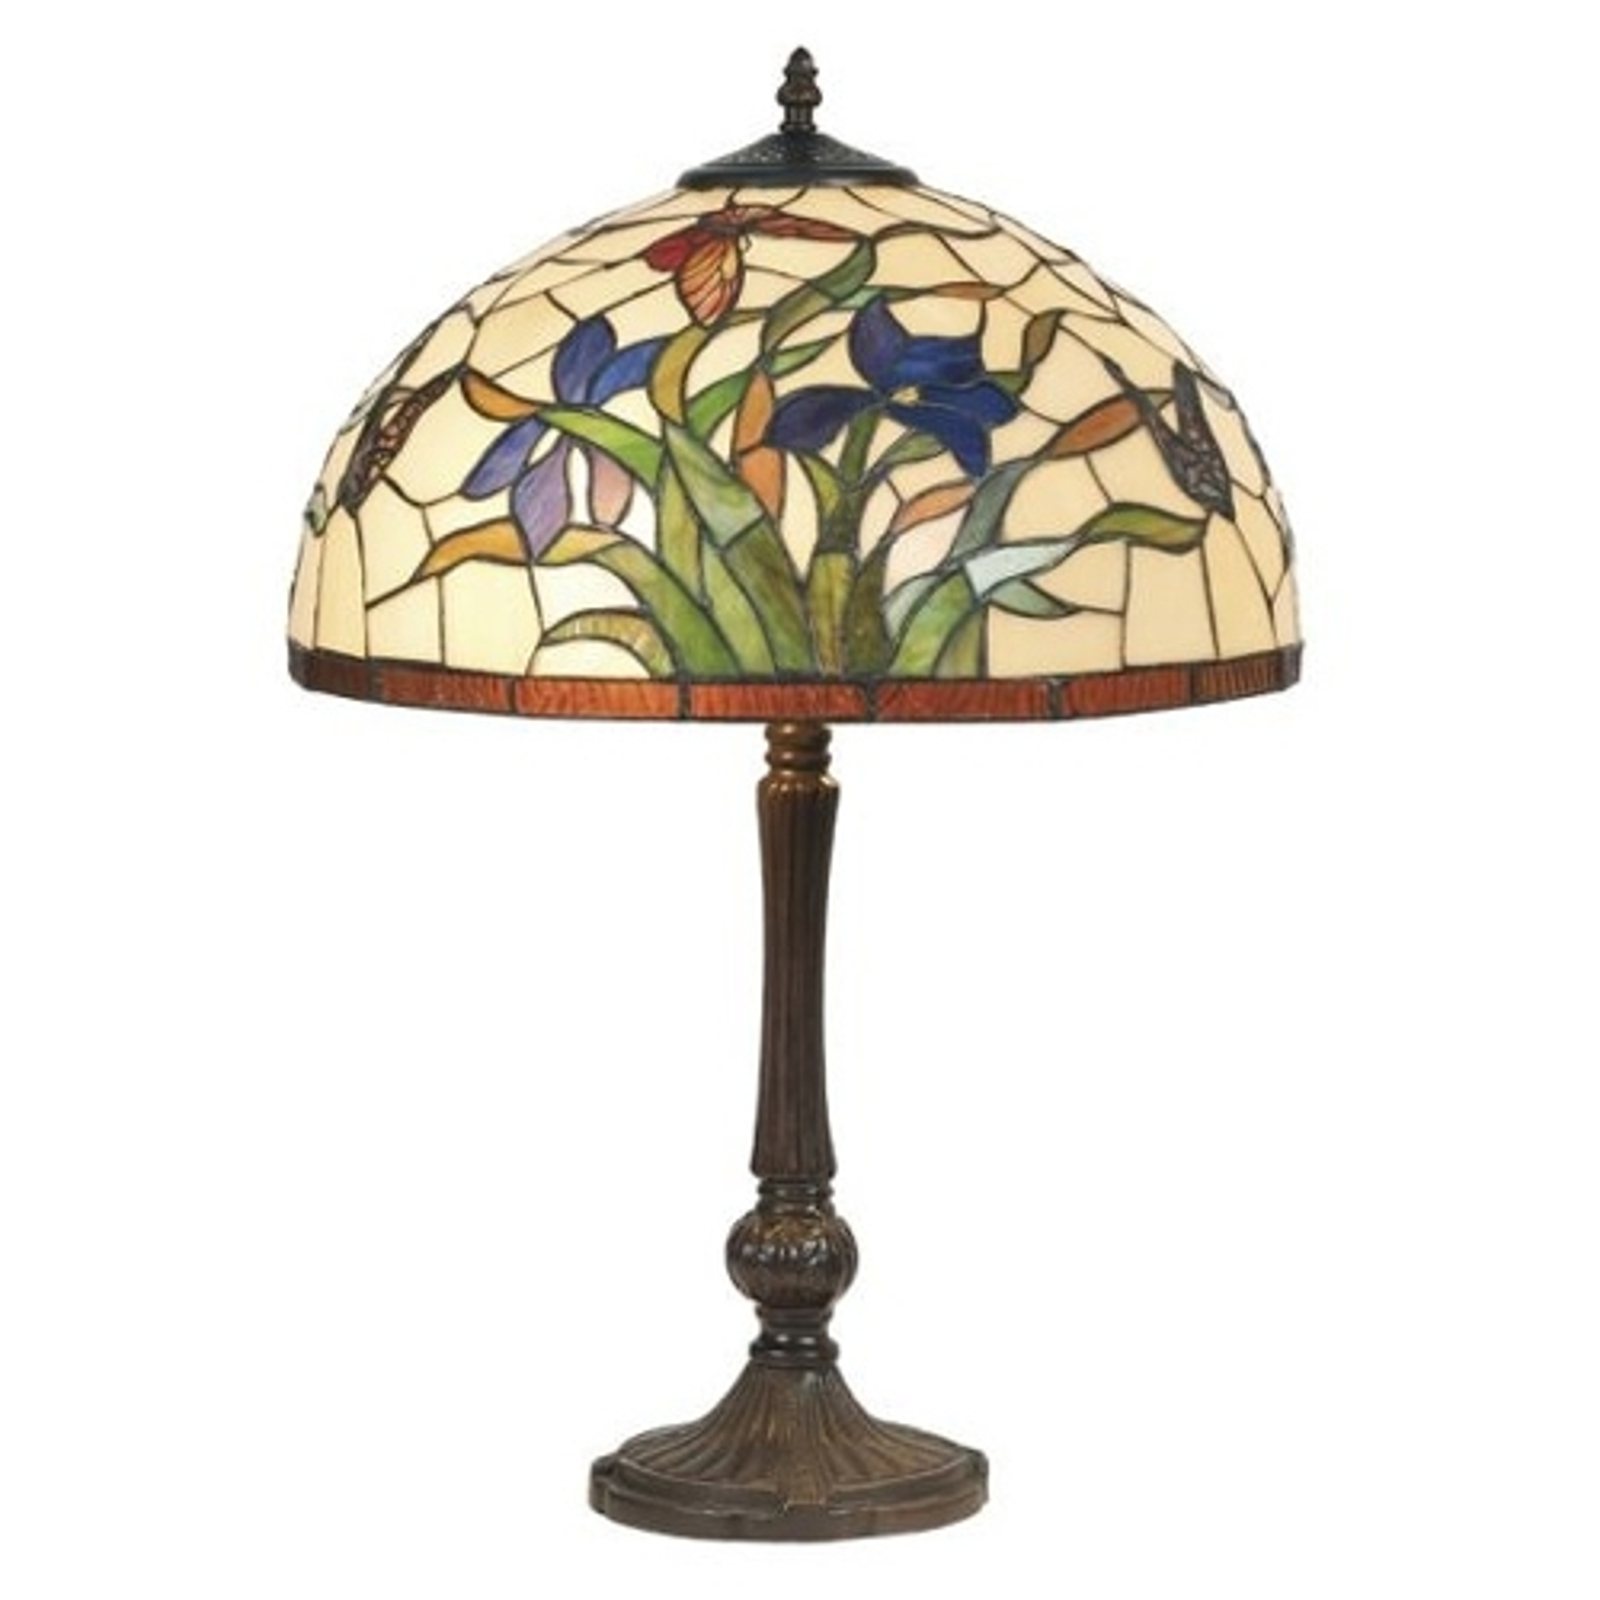 Elanda table lamp in a Tiffany style, 62 cm_1032160_1